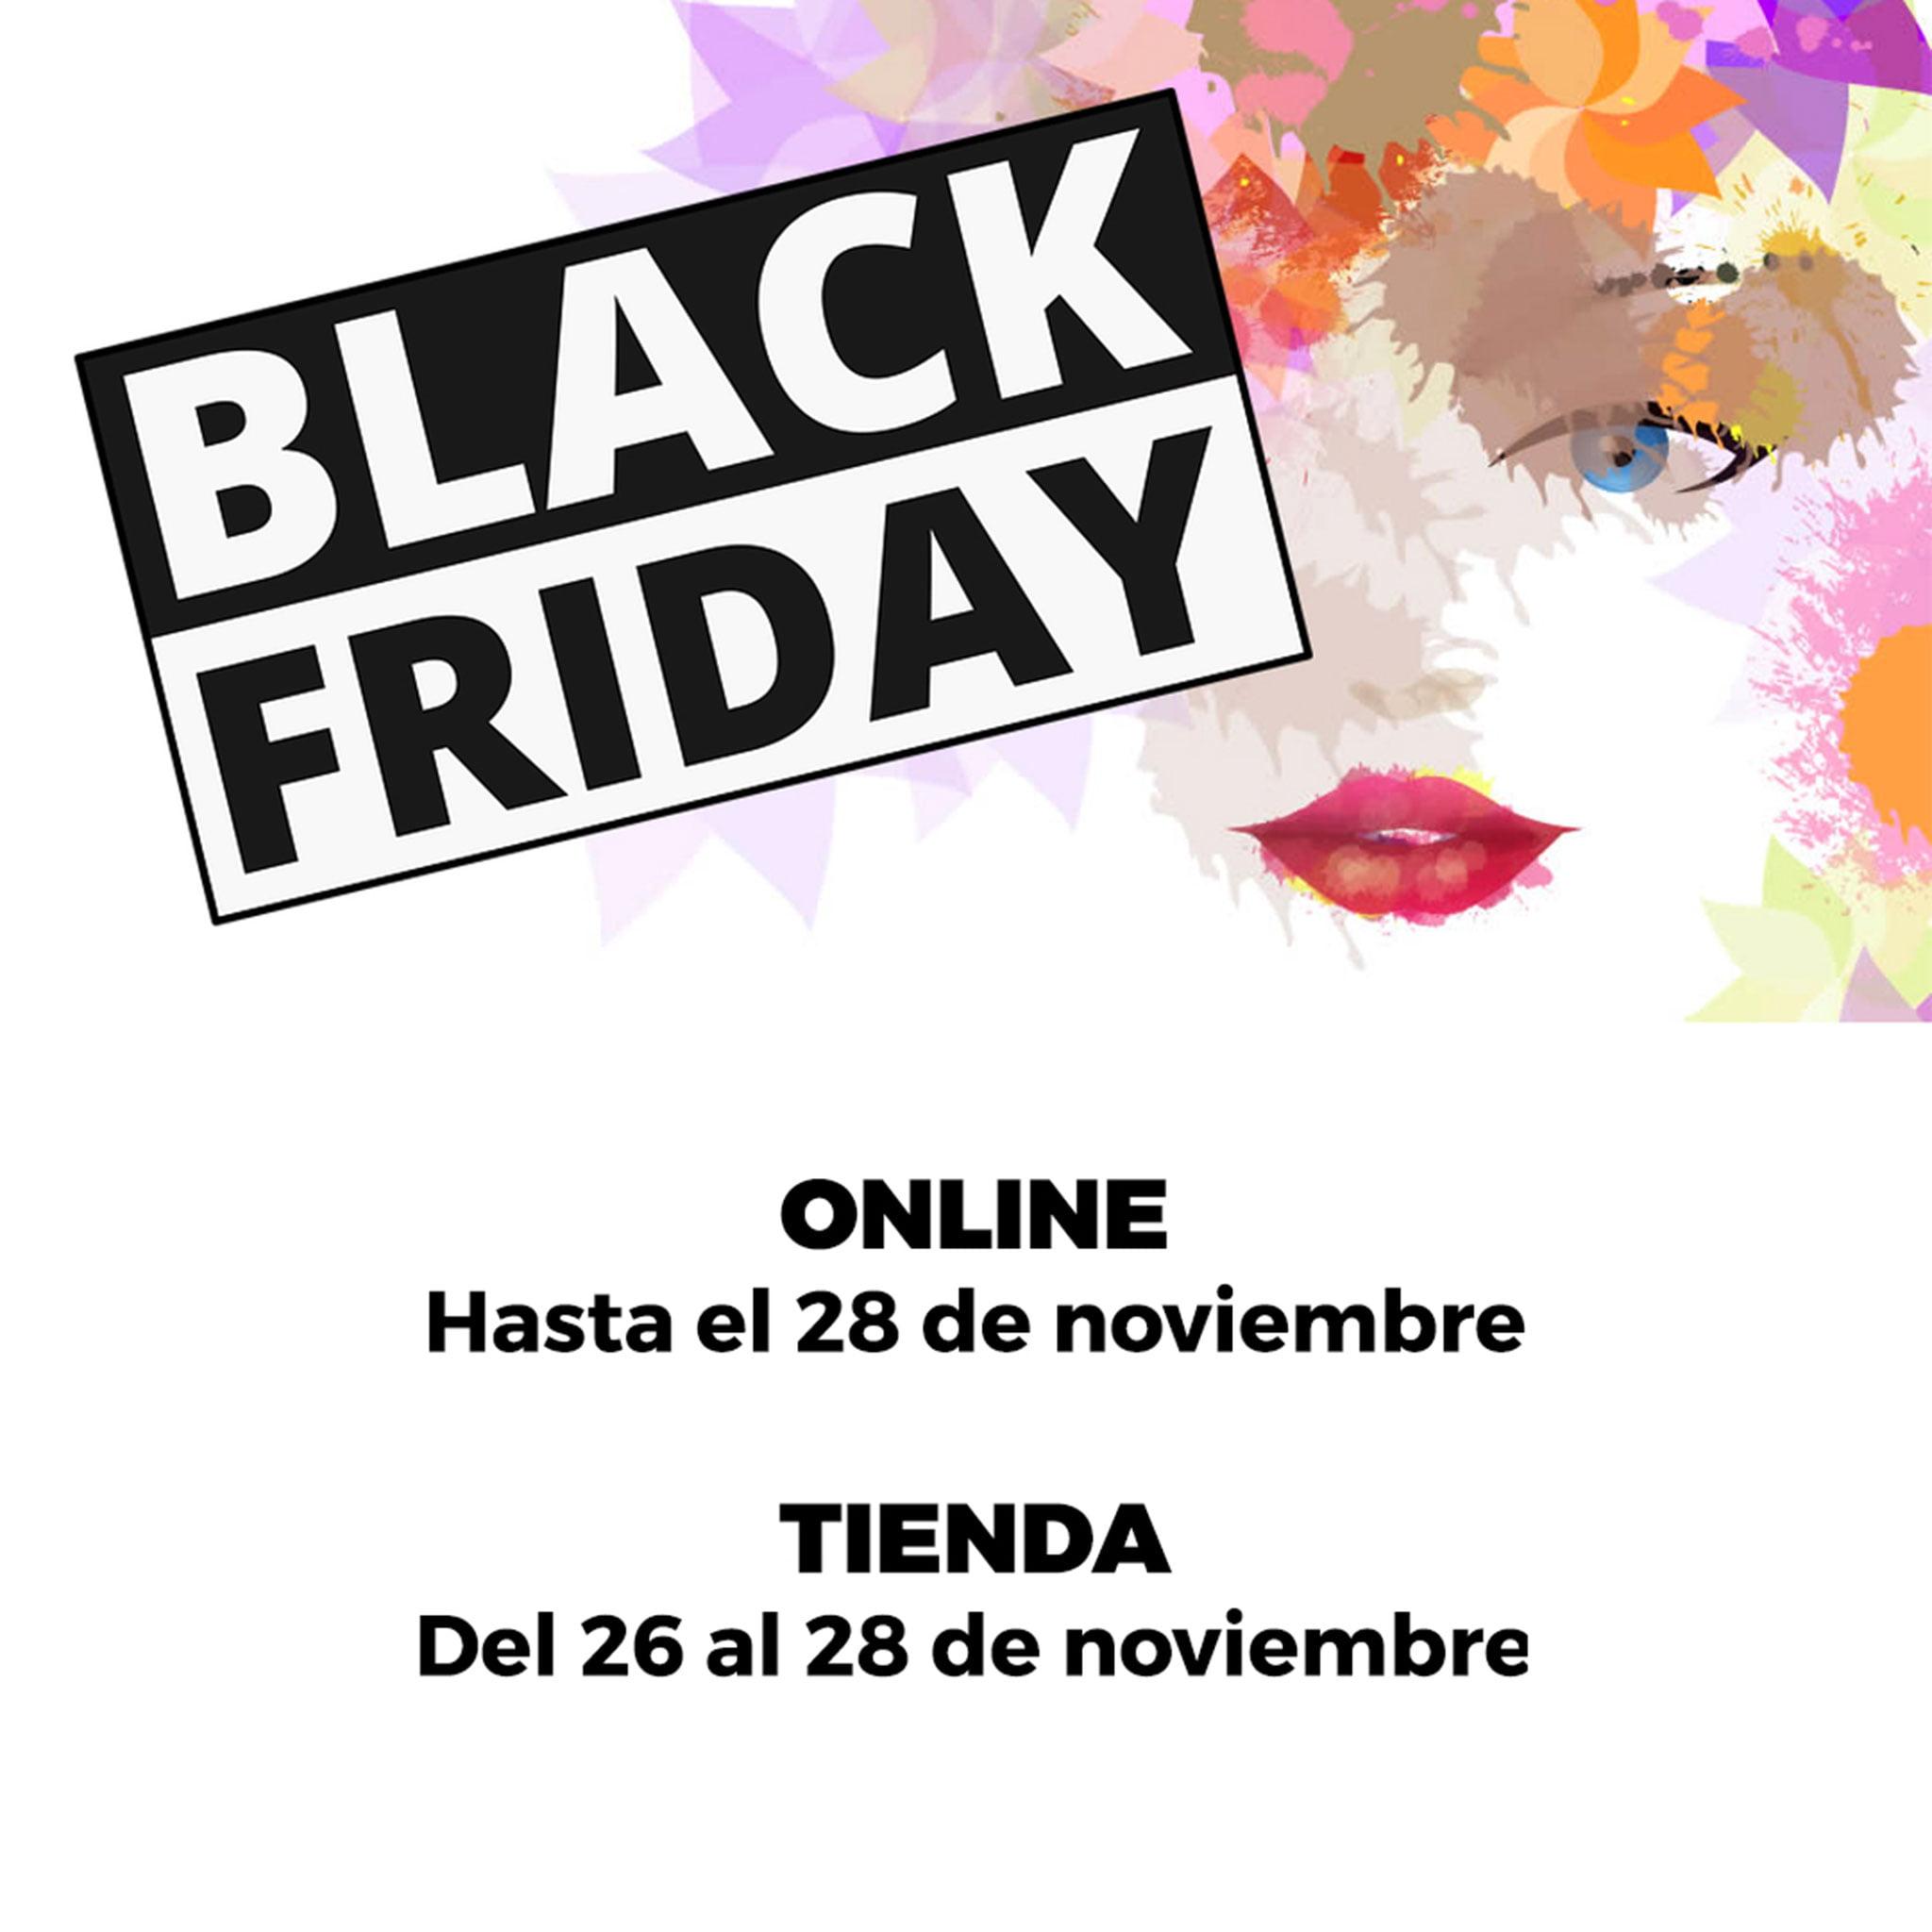 Productos de peluquería y estética en Dénia con ofertas de Black Friday – Doré